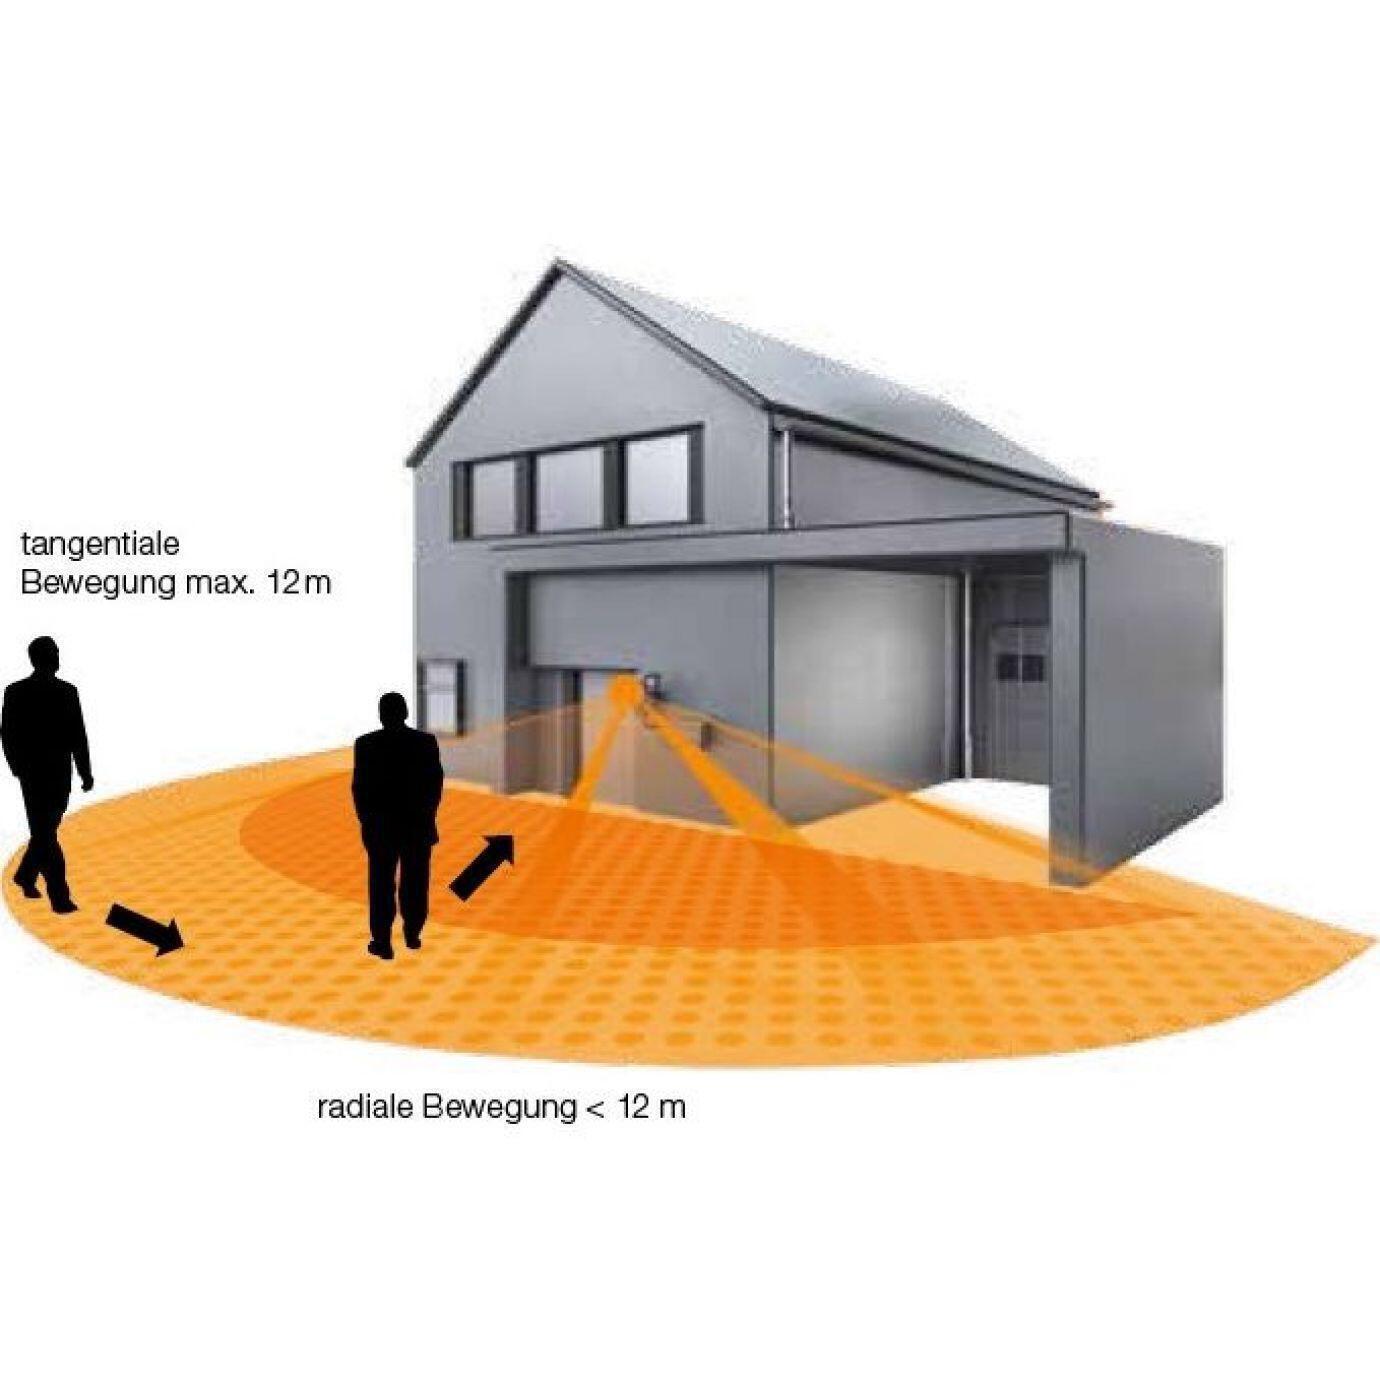 Illustration der Reichweite eines Bewegungsmelder bei tangenialer und radialer Reichweite